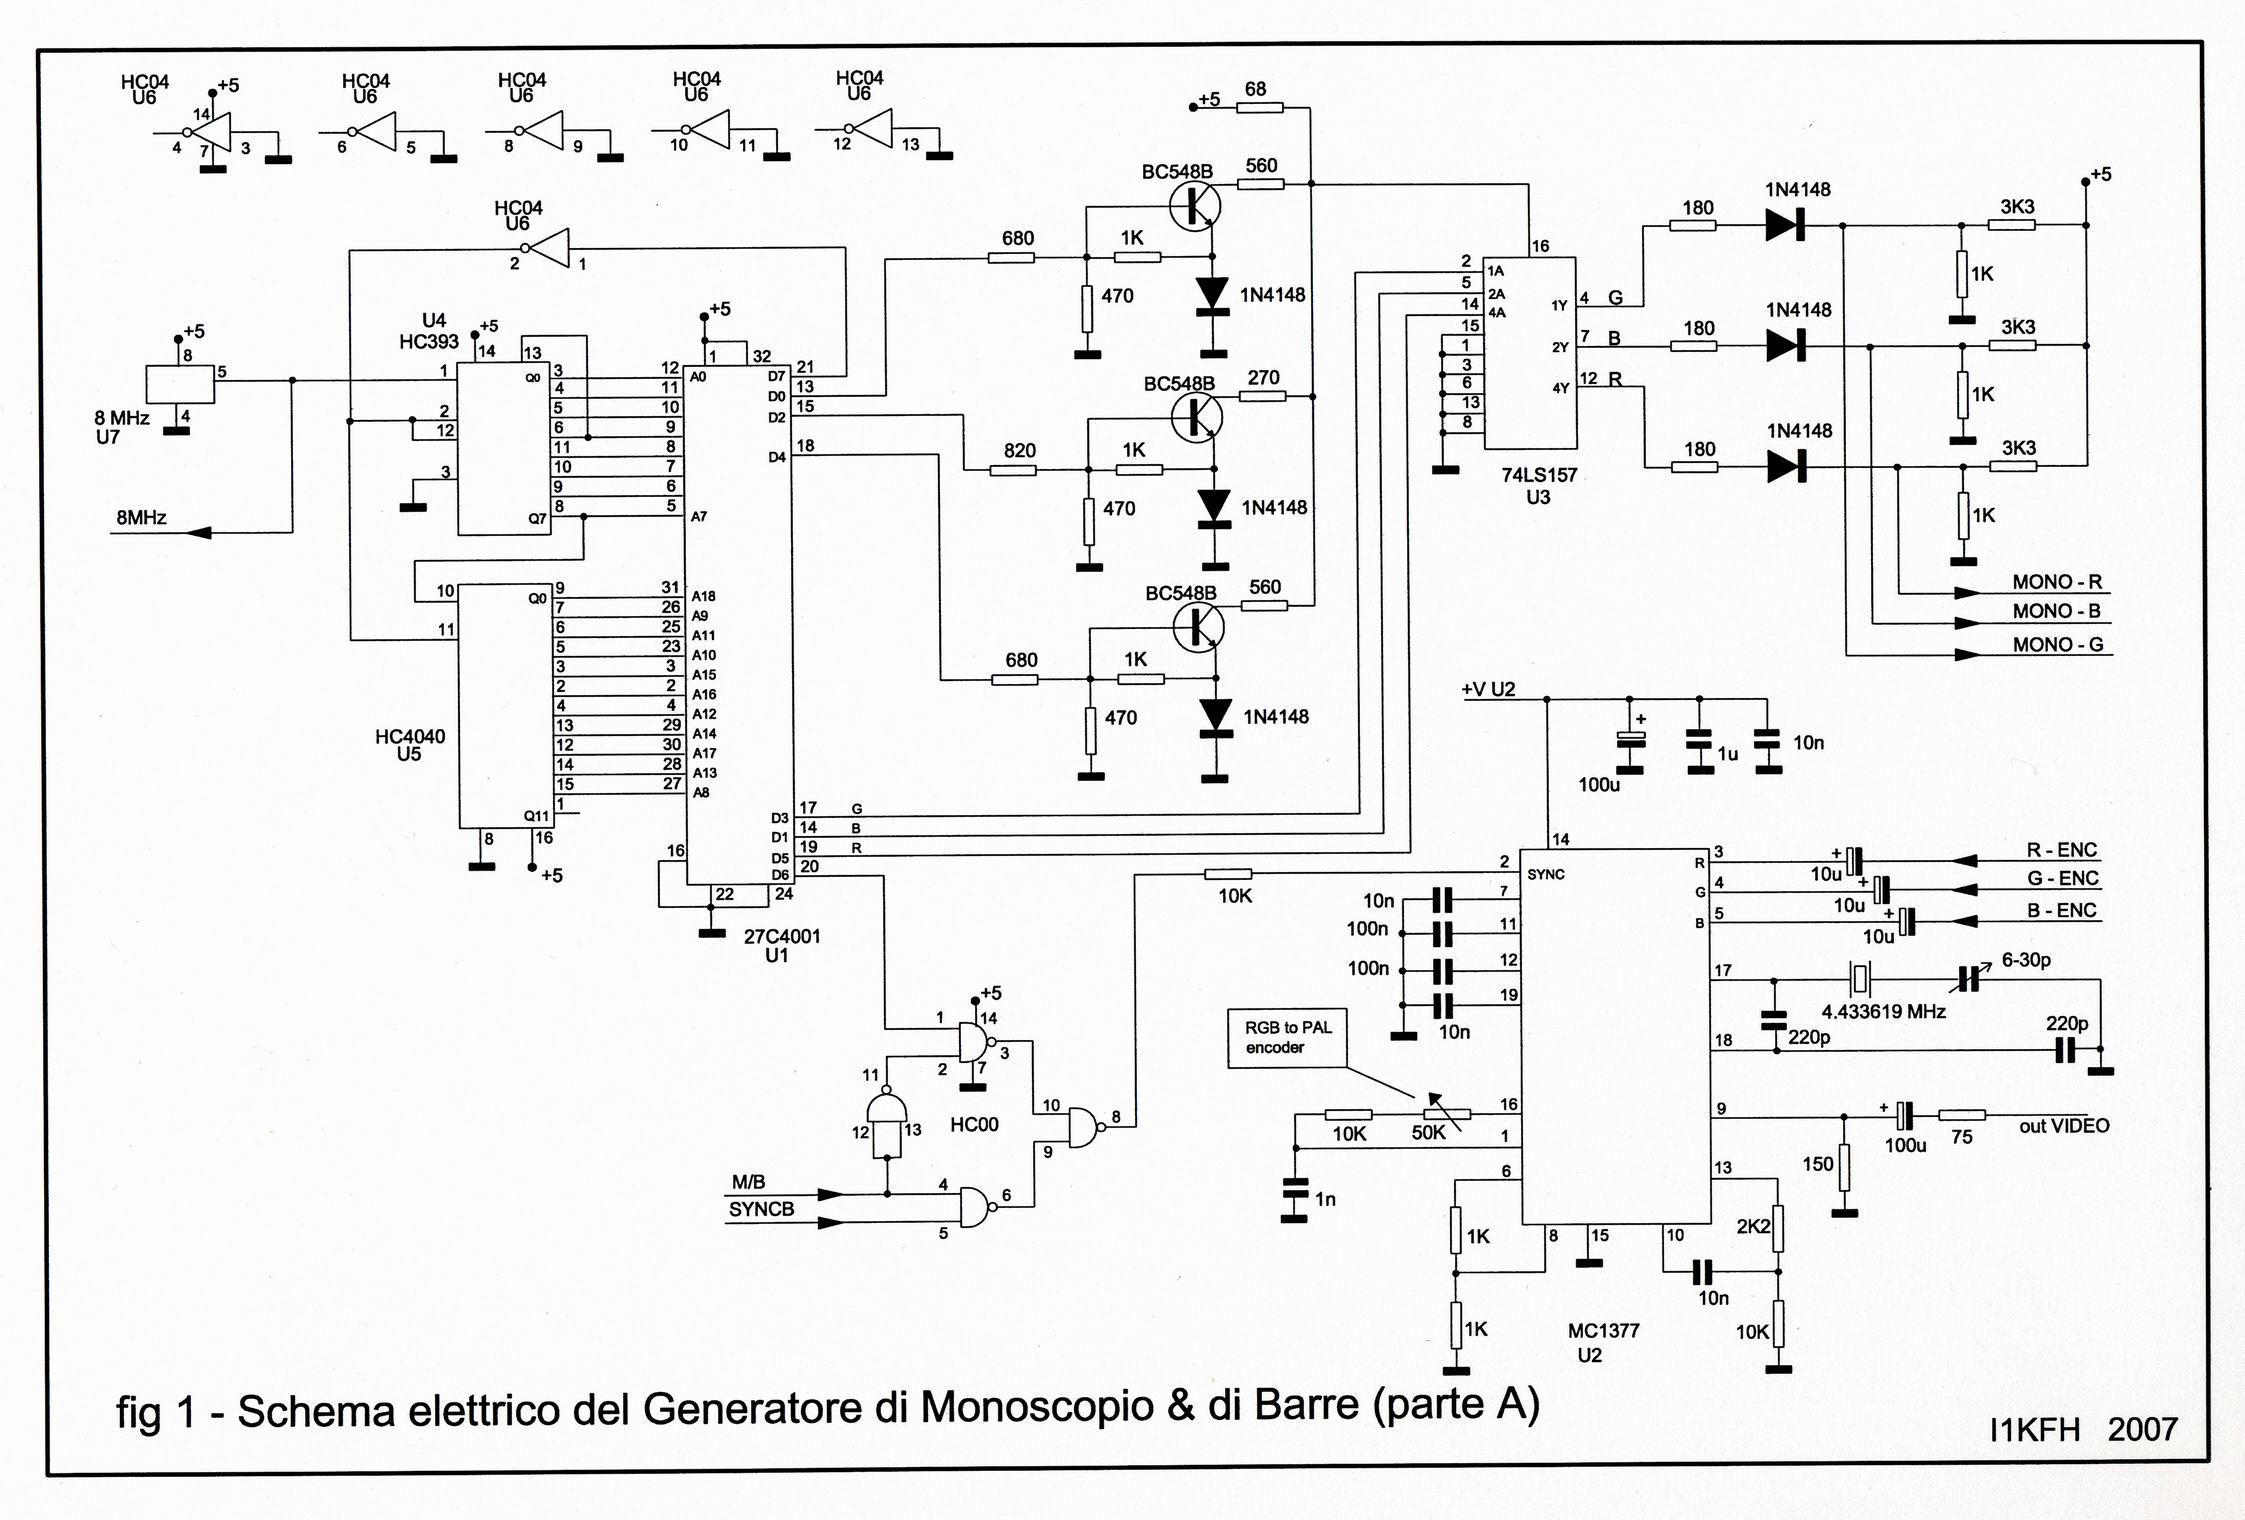 Generatore Di Monoscopio Amp Di Barre